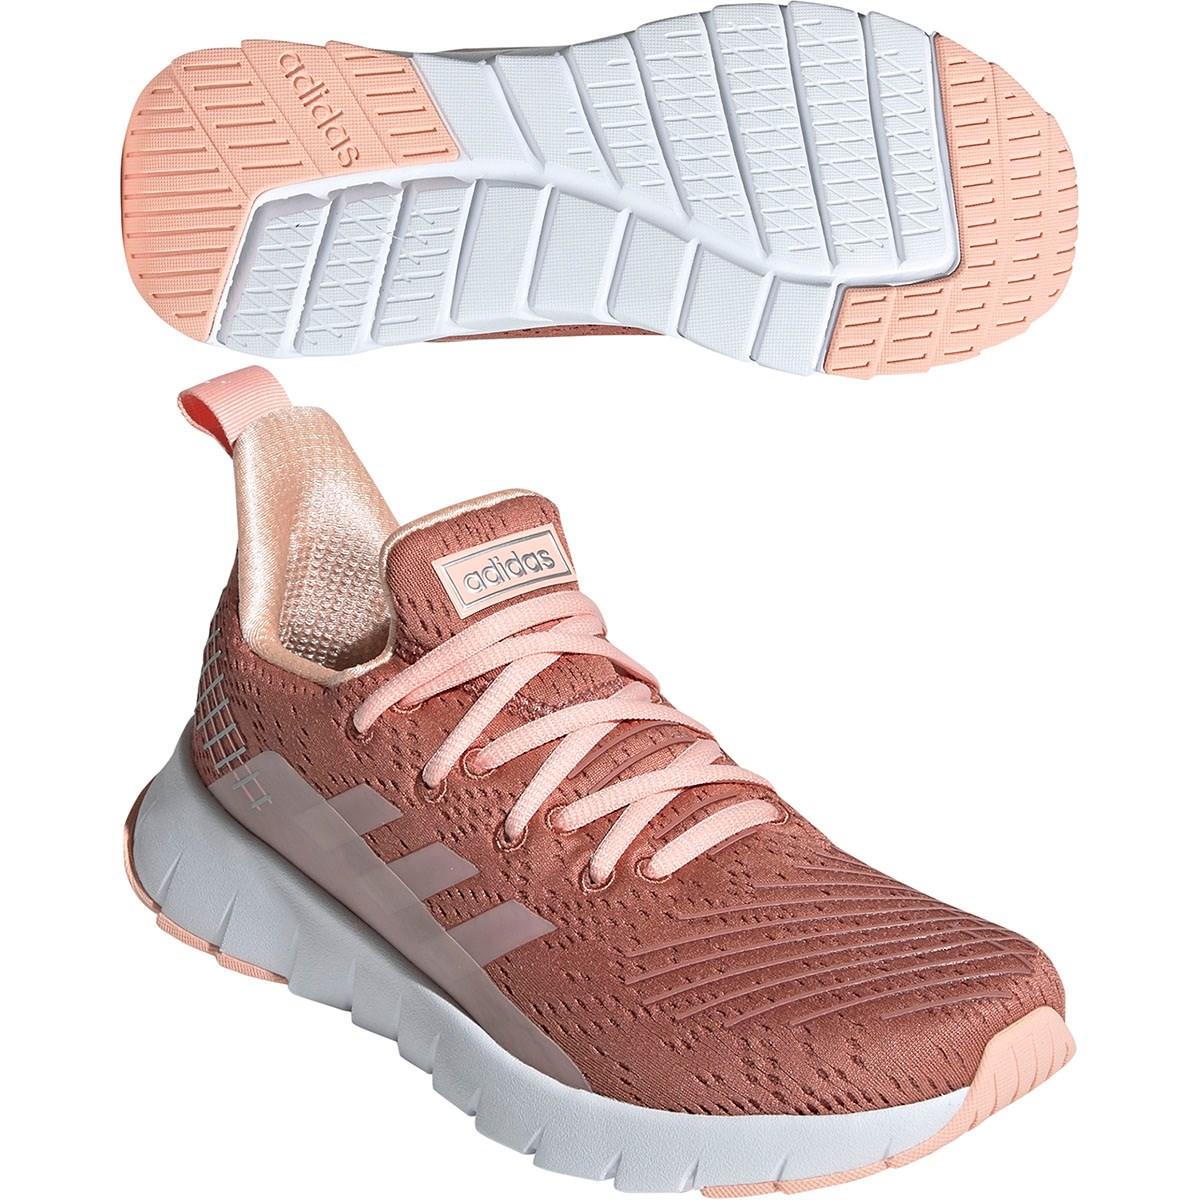 アディダス(adidas) アズウィーゴ シューズレディス